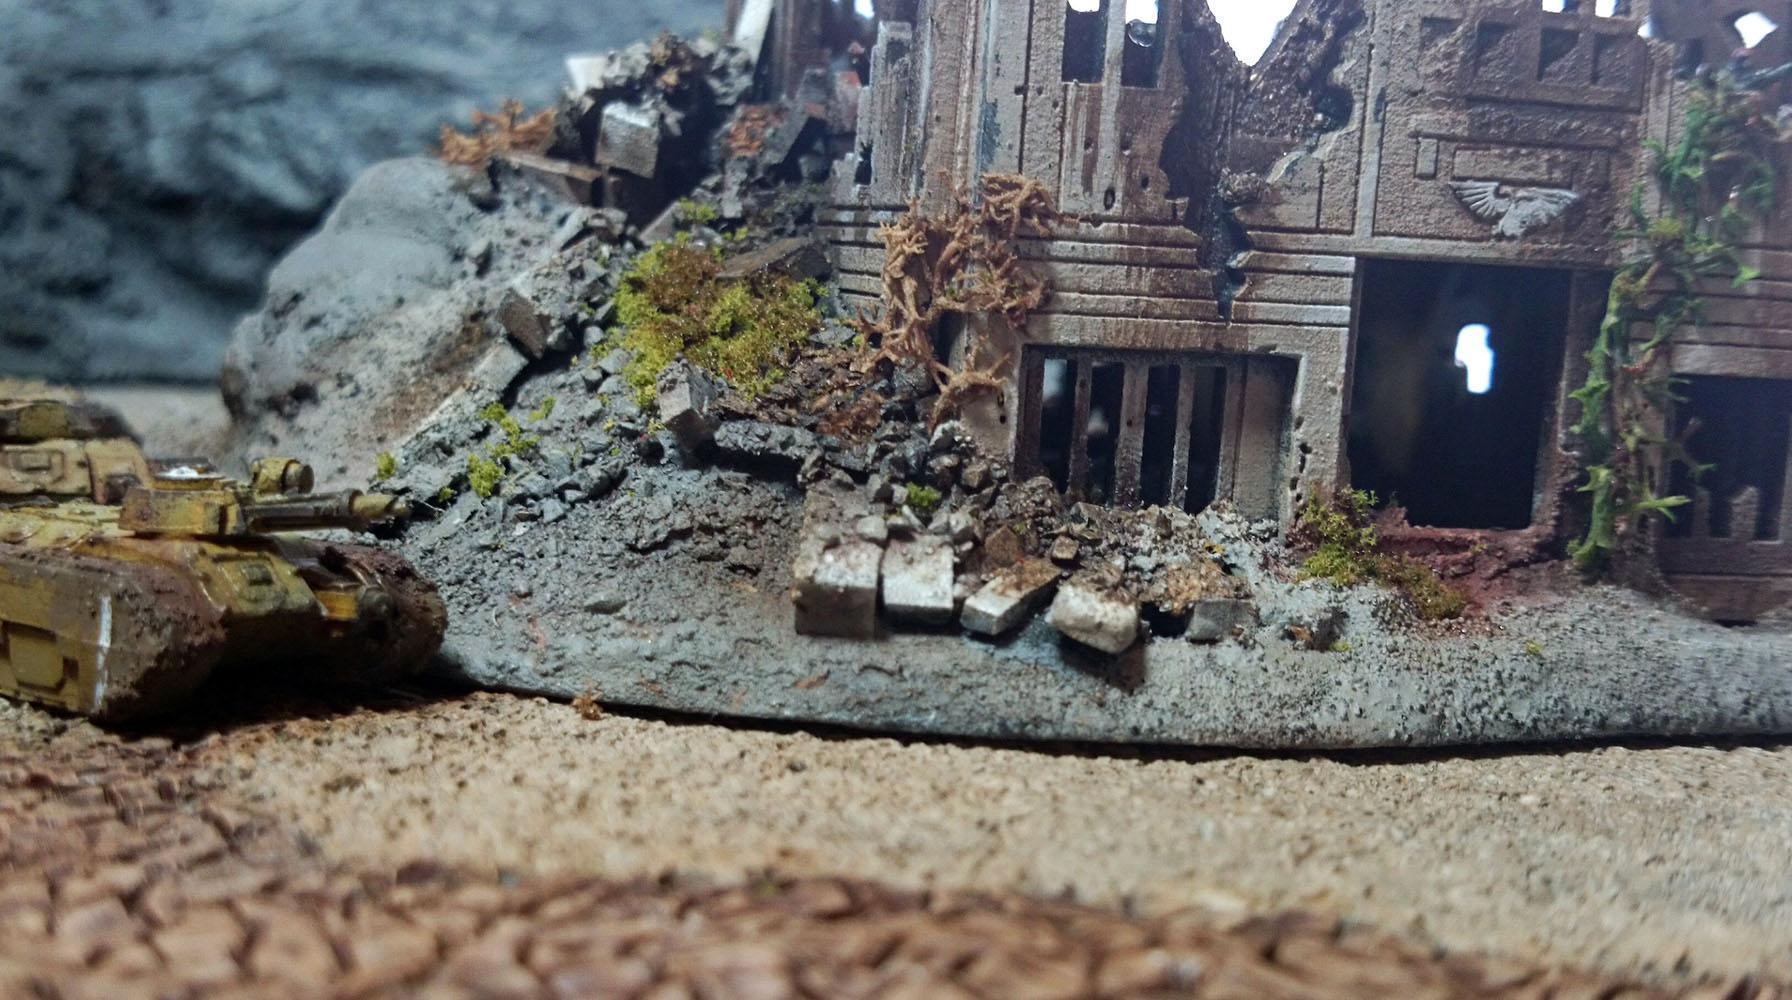 6mm, Epic, Epic40k, Imperial Guard, Rubble, Ruins, Terrain